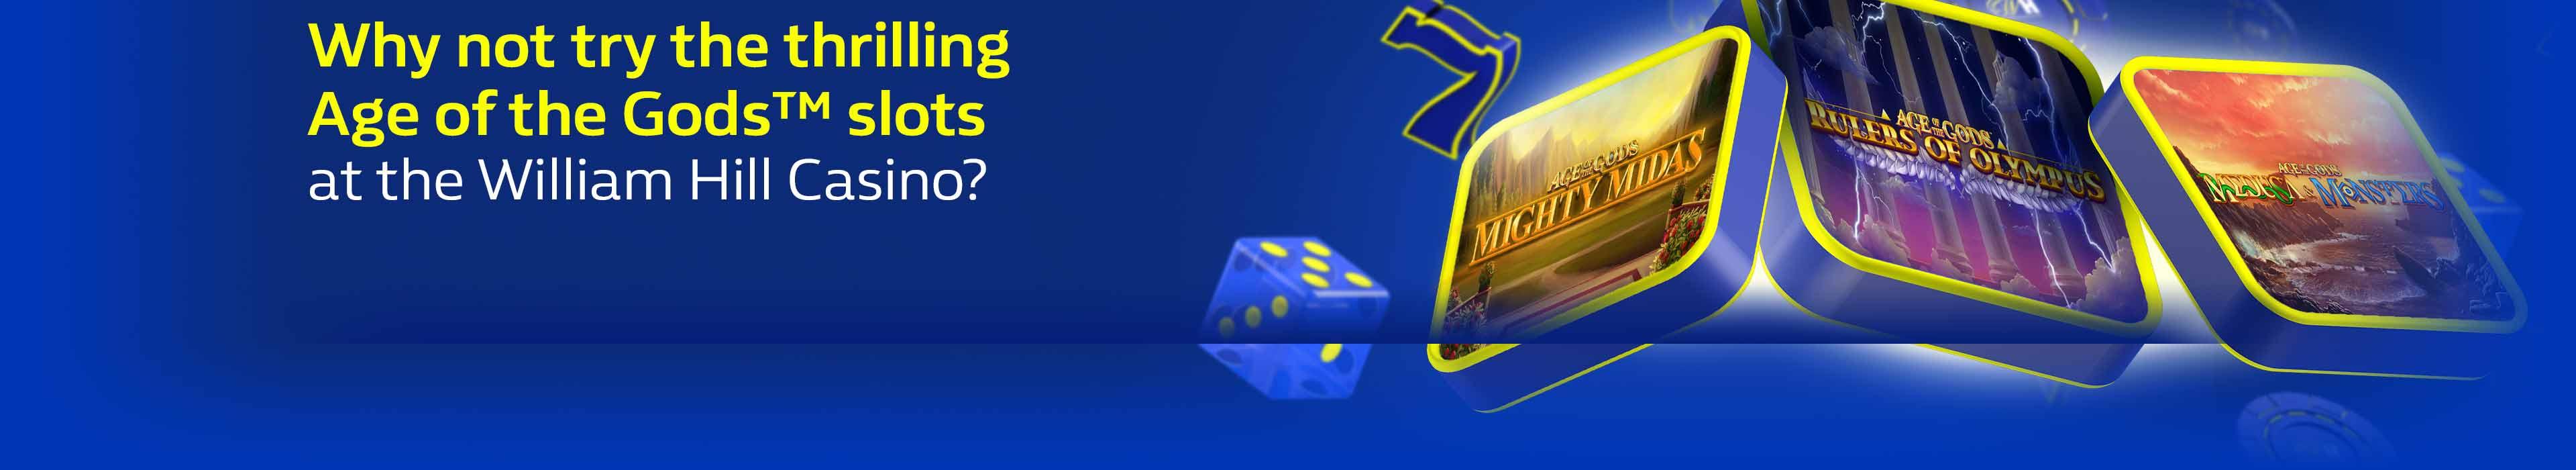 Casino: AOTG